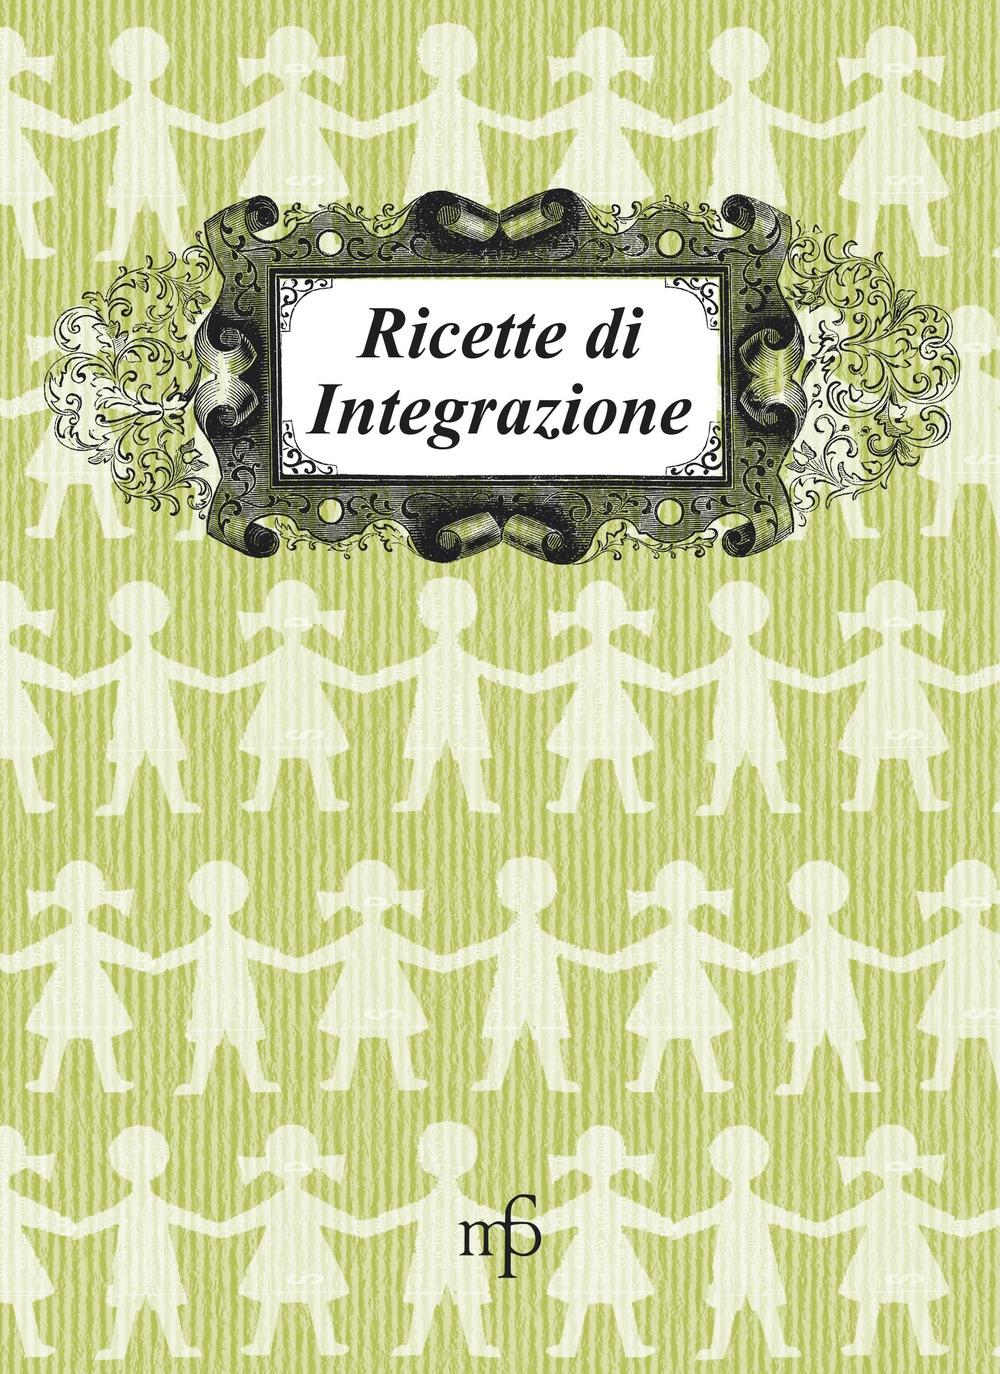 Ricette di integrazione